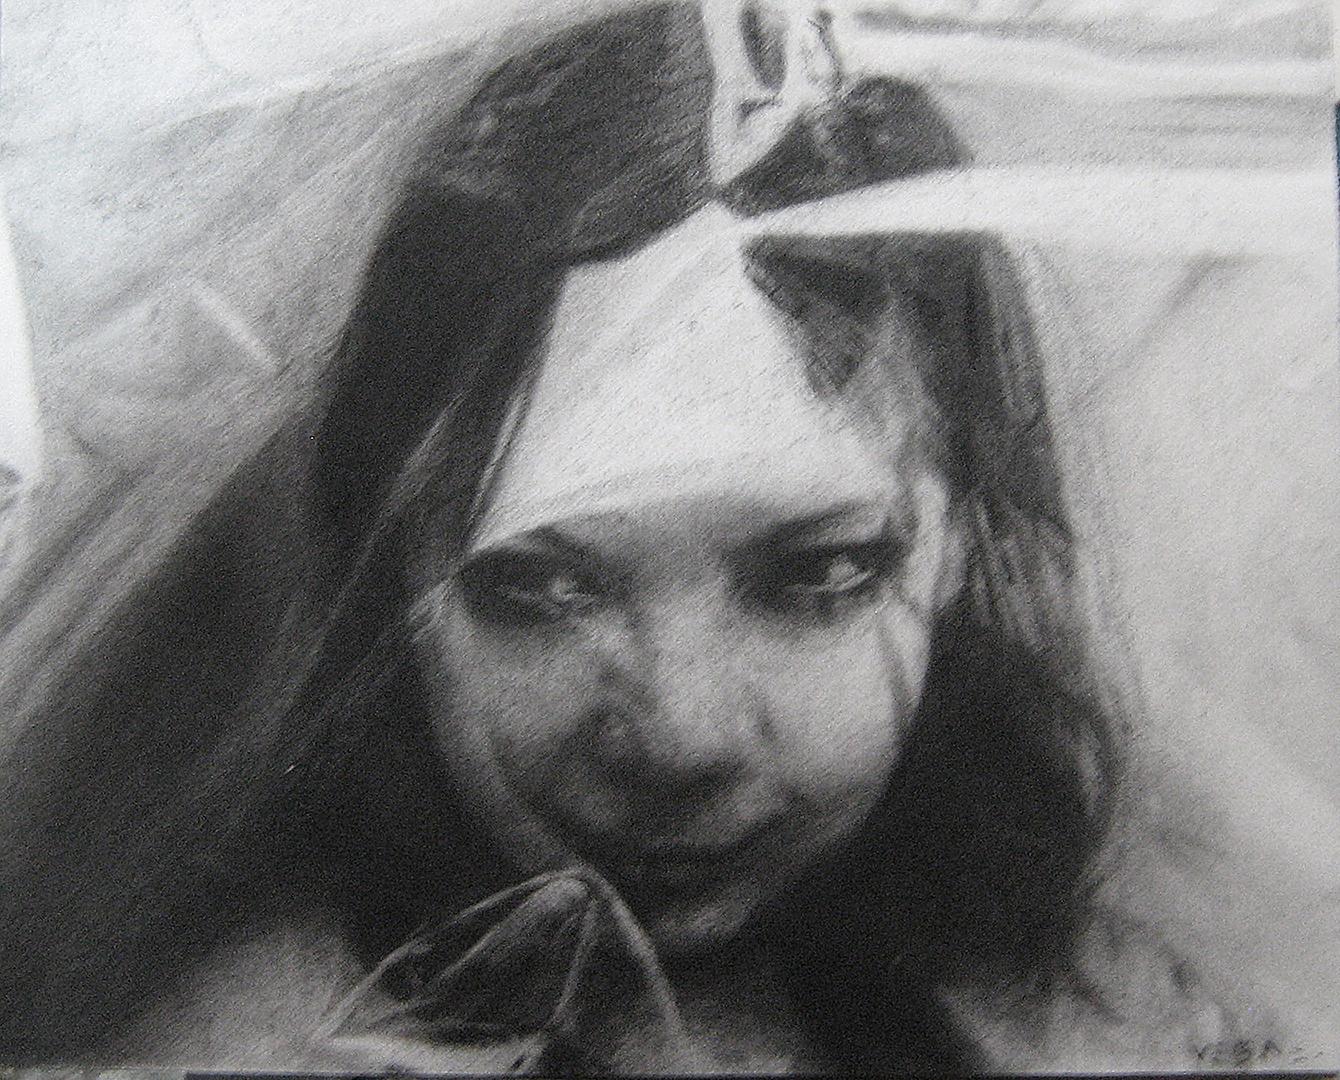 Dibujo para empaque · Carboncillo sobre papel · 20cm X 25xm · 2011